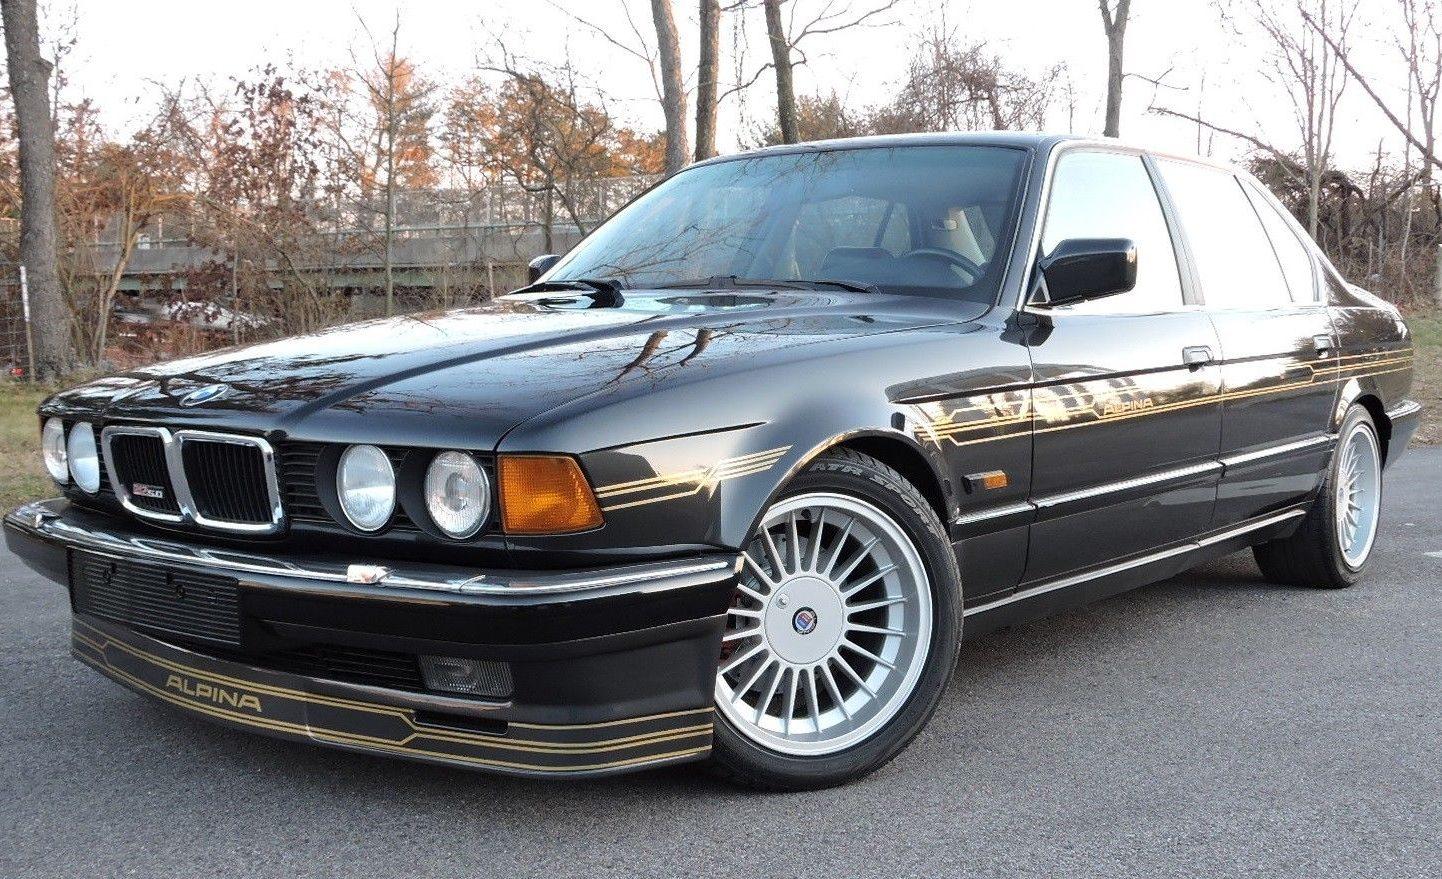 BMW Cherry Hill >> V12 Sturzkampfflugzeug! 1988 Alpina B12